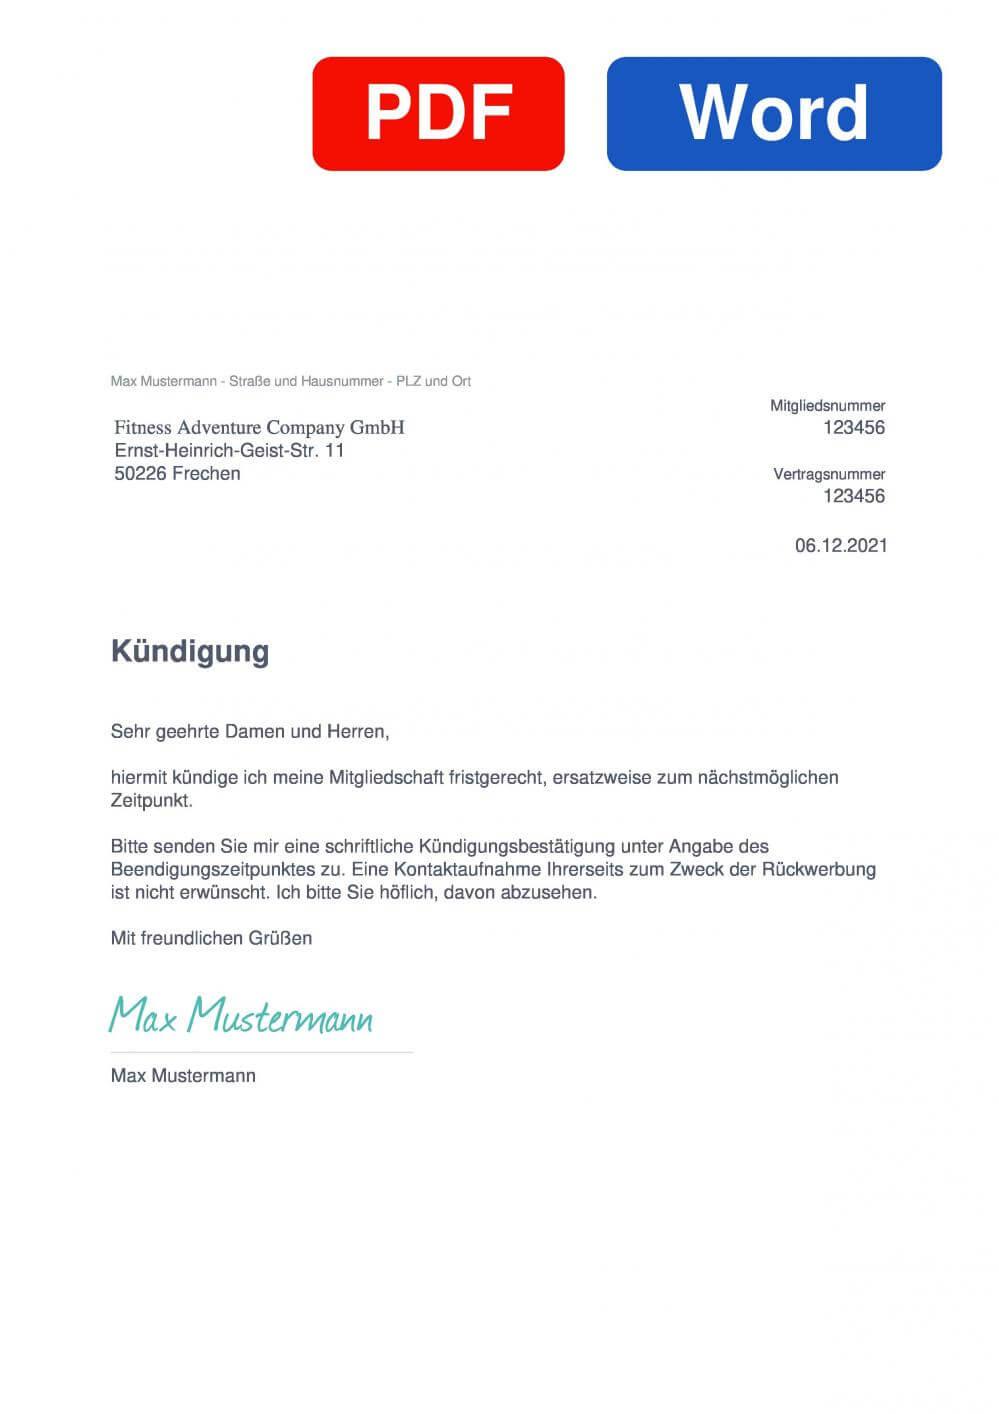 InterFit Muster Vorlage für Kündigungsschreiben